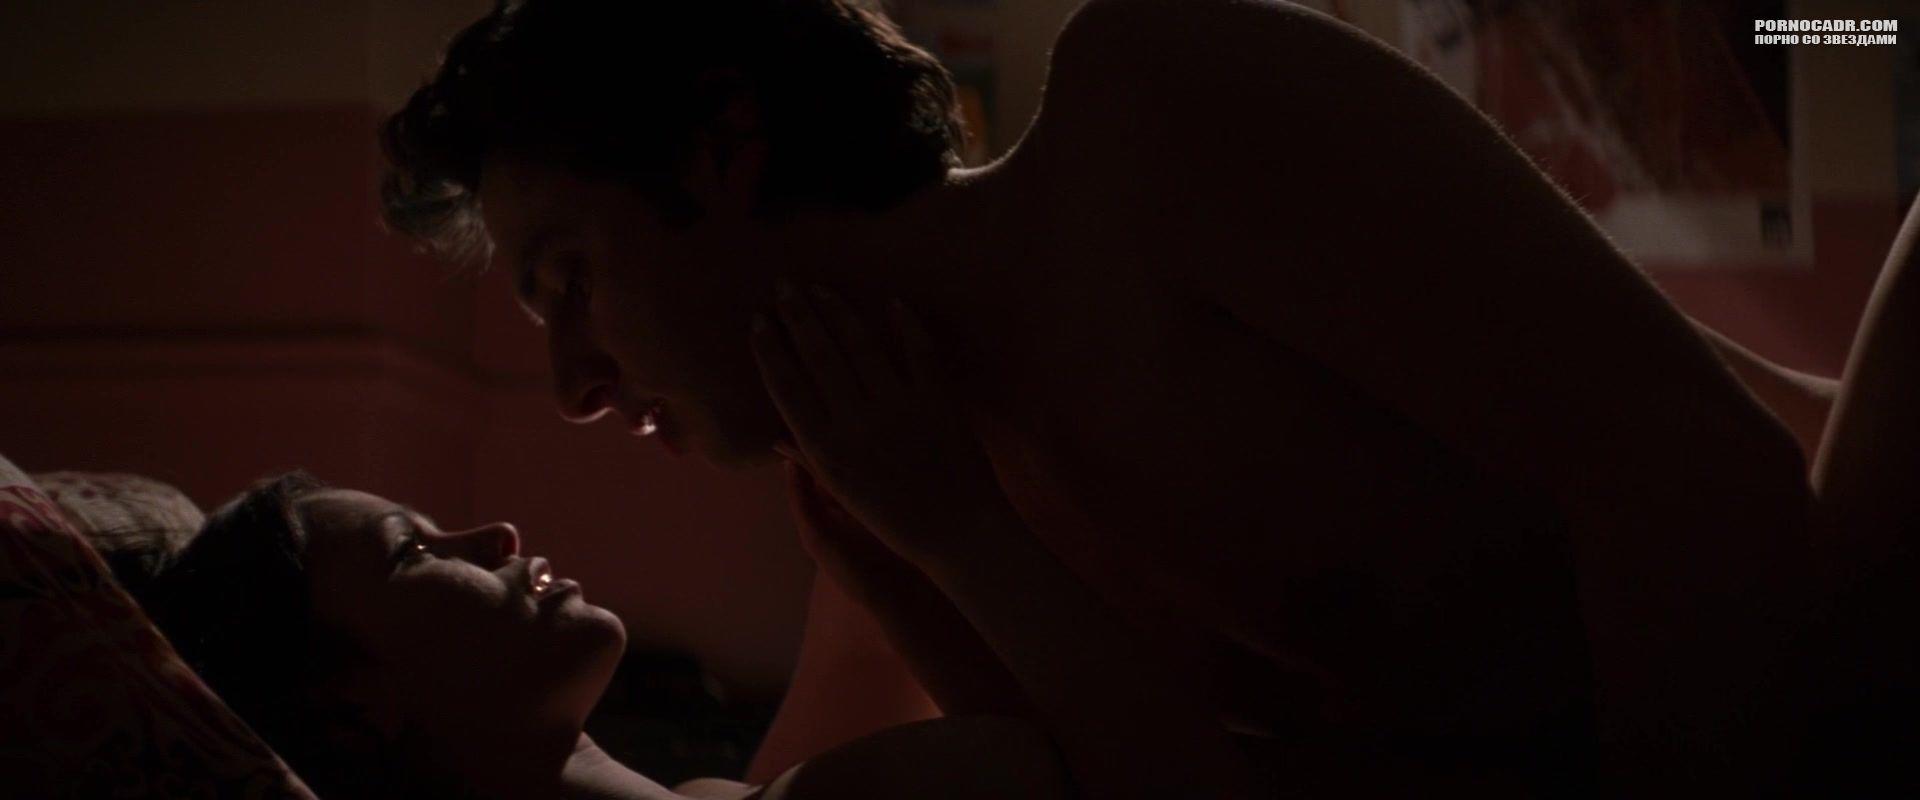 Rachel bilson nude sex scene — pic 9